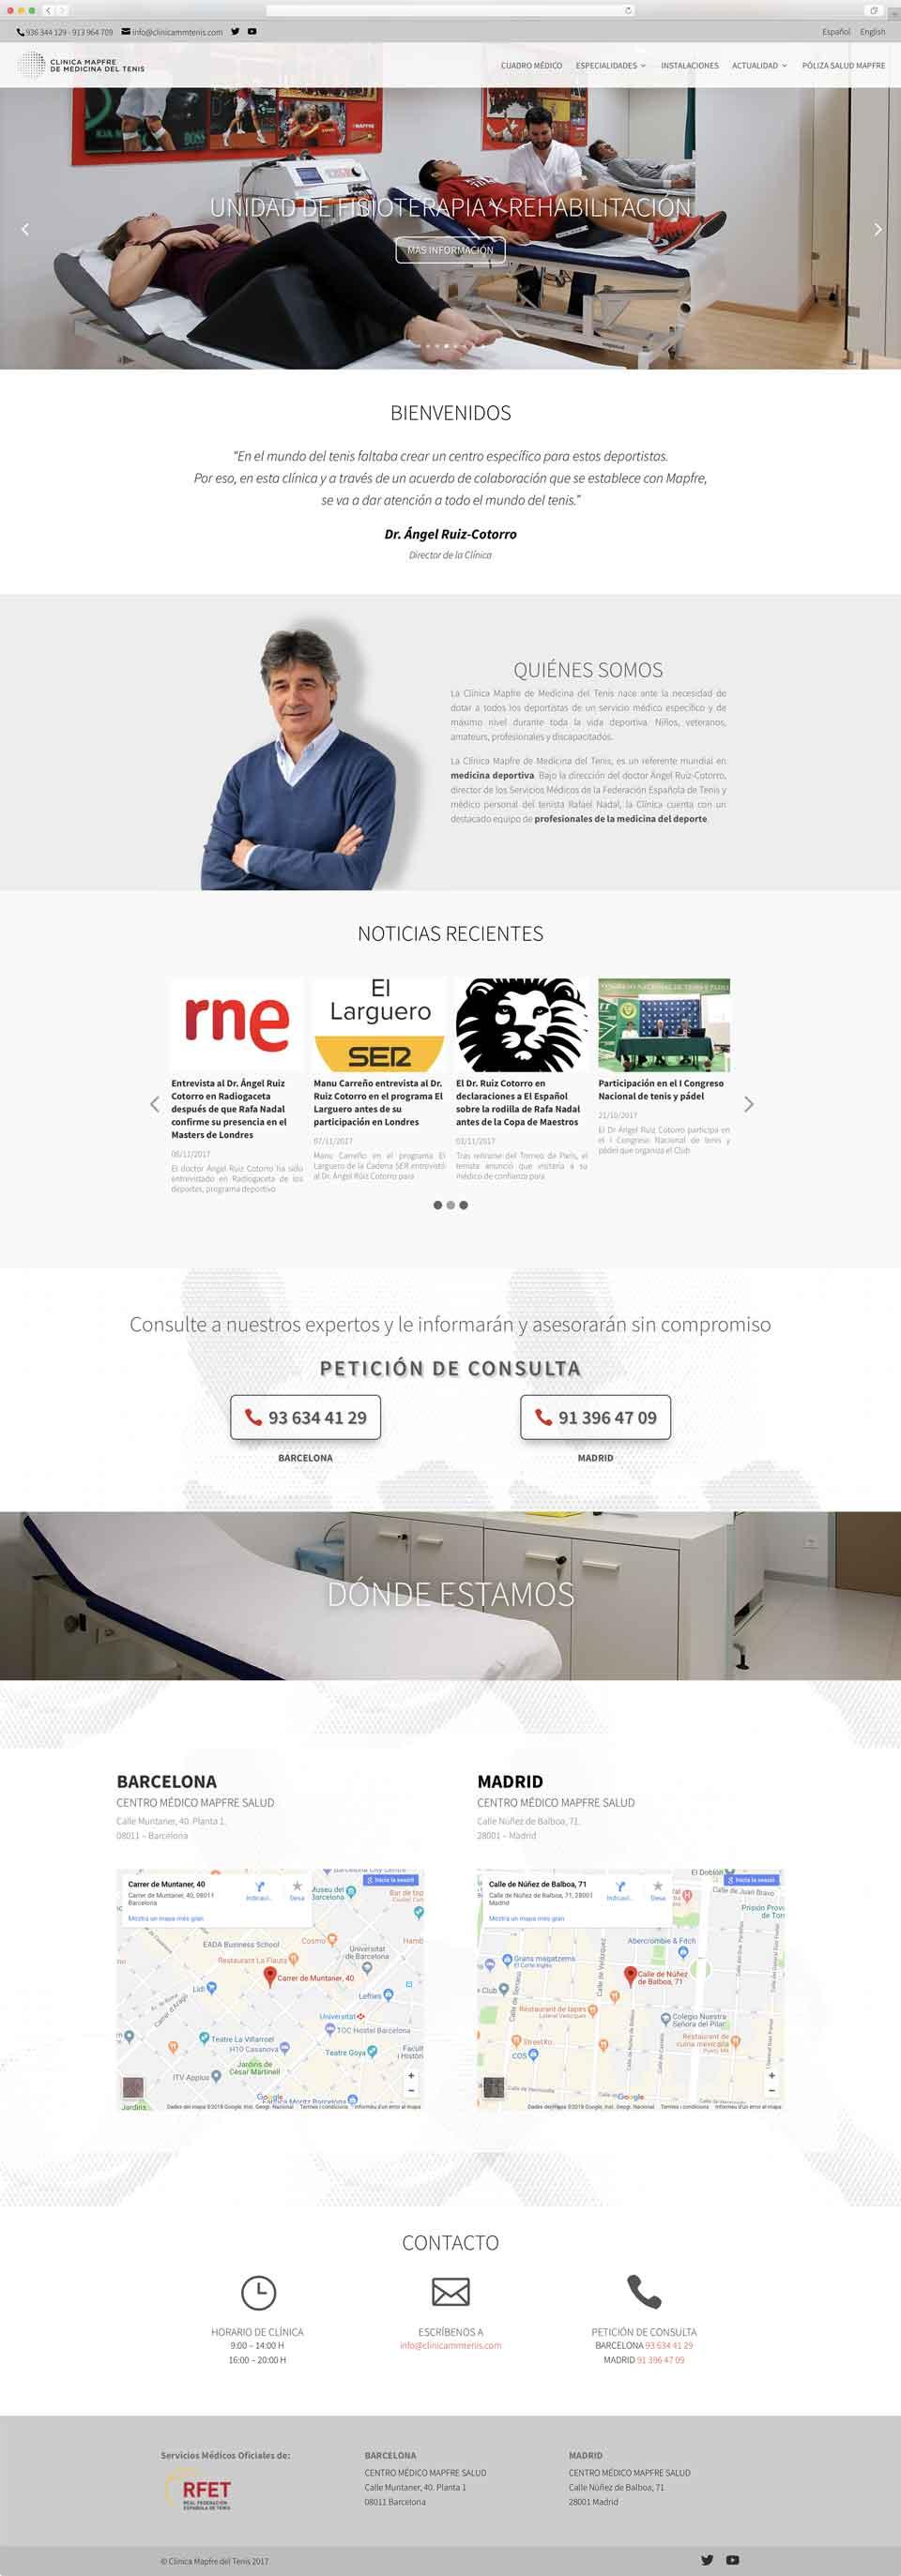 Muestra 1 de diseño web del proyecto Clínica Mapfre de Medicina del Tenis, realizado por Just the web y Byte Imatge